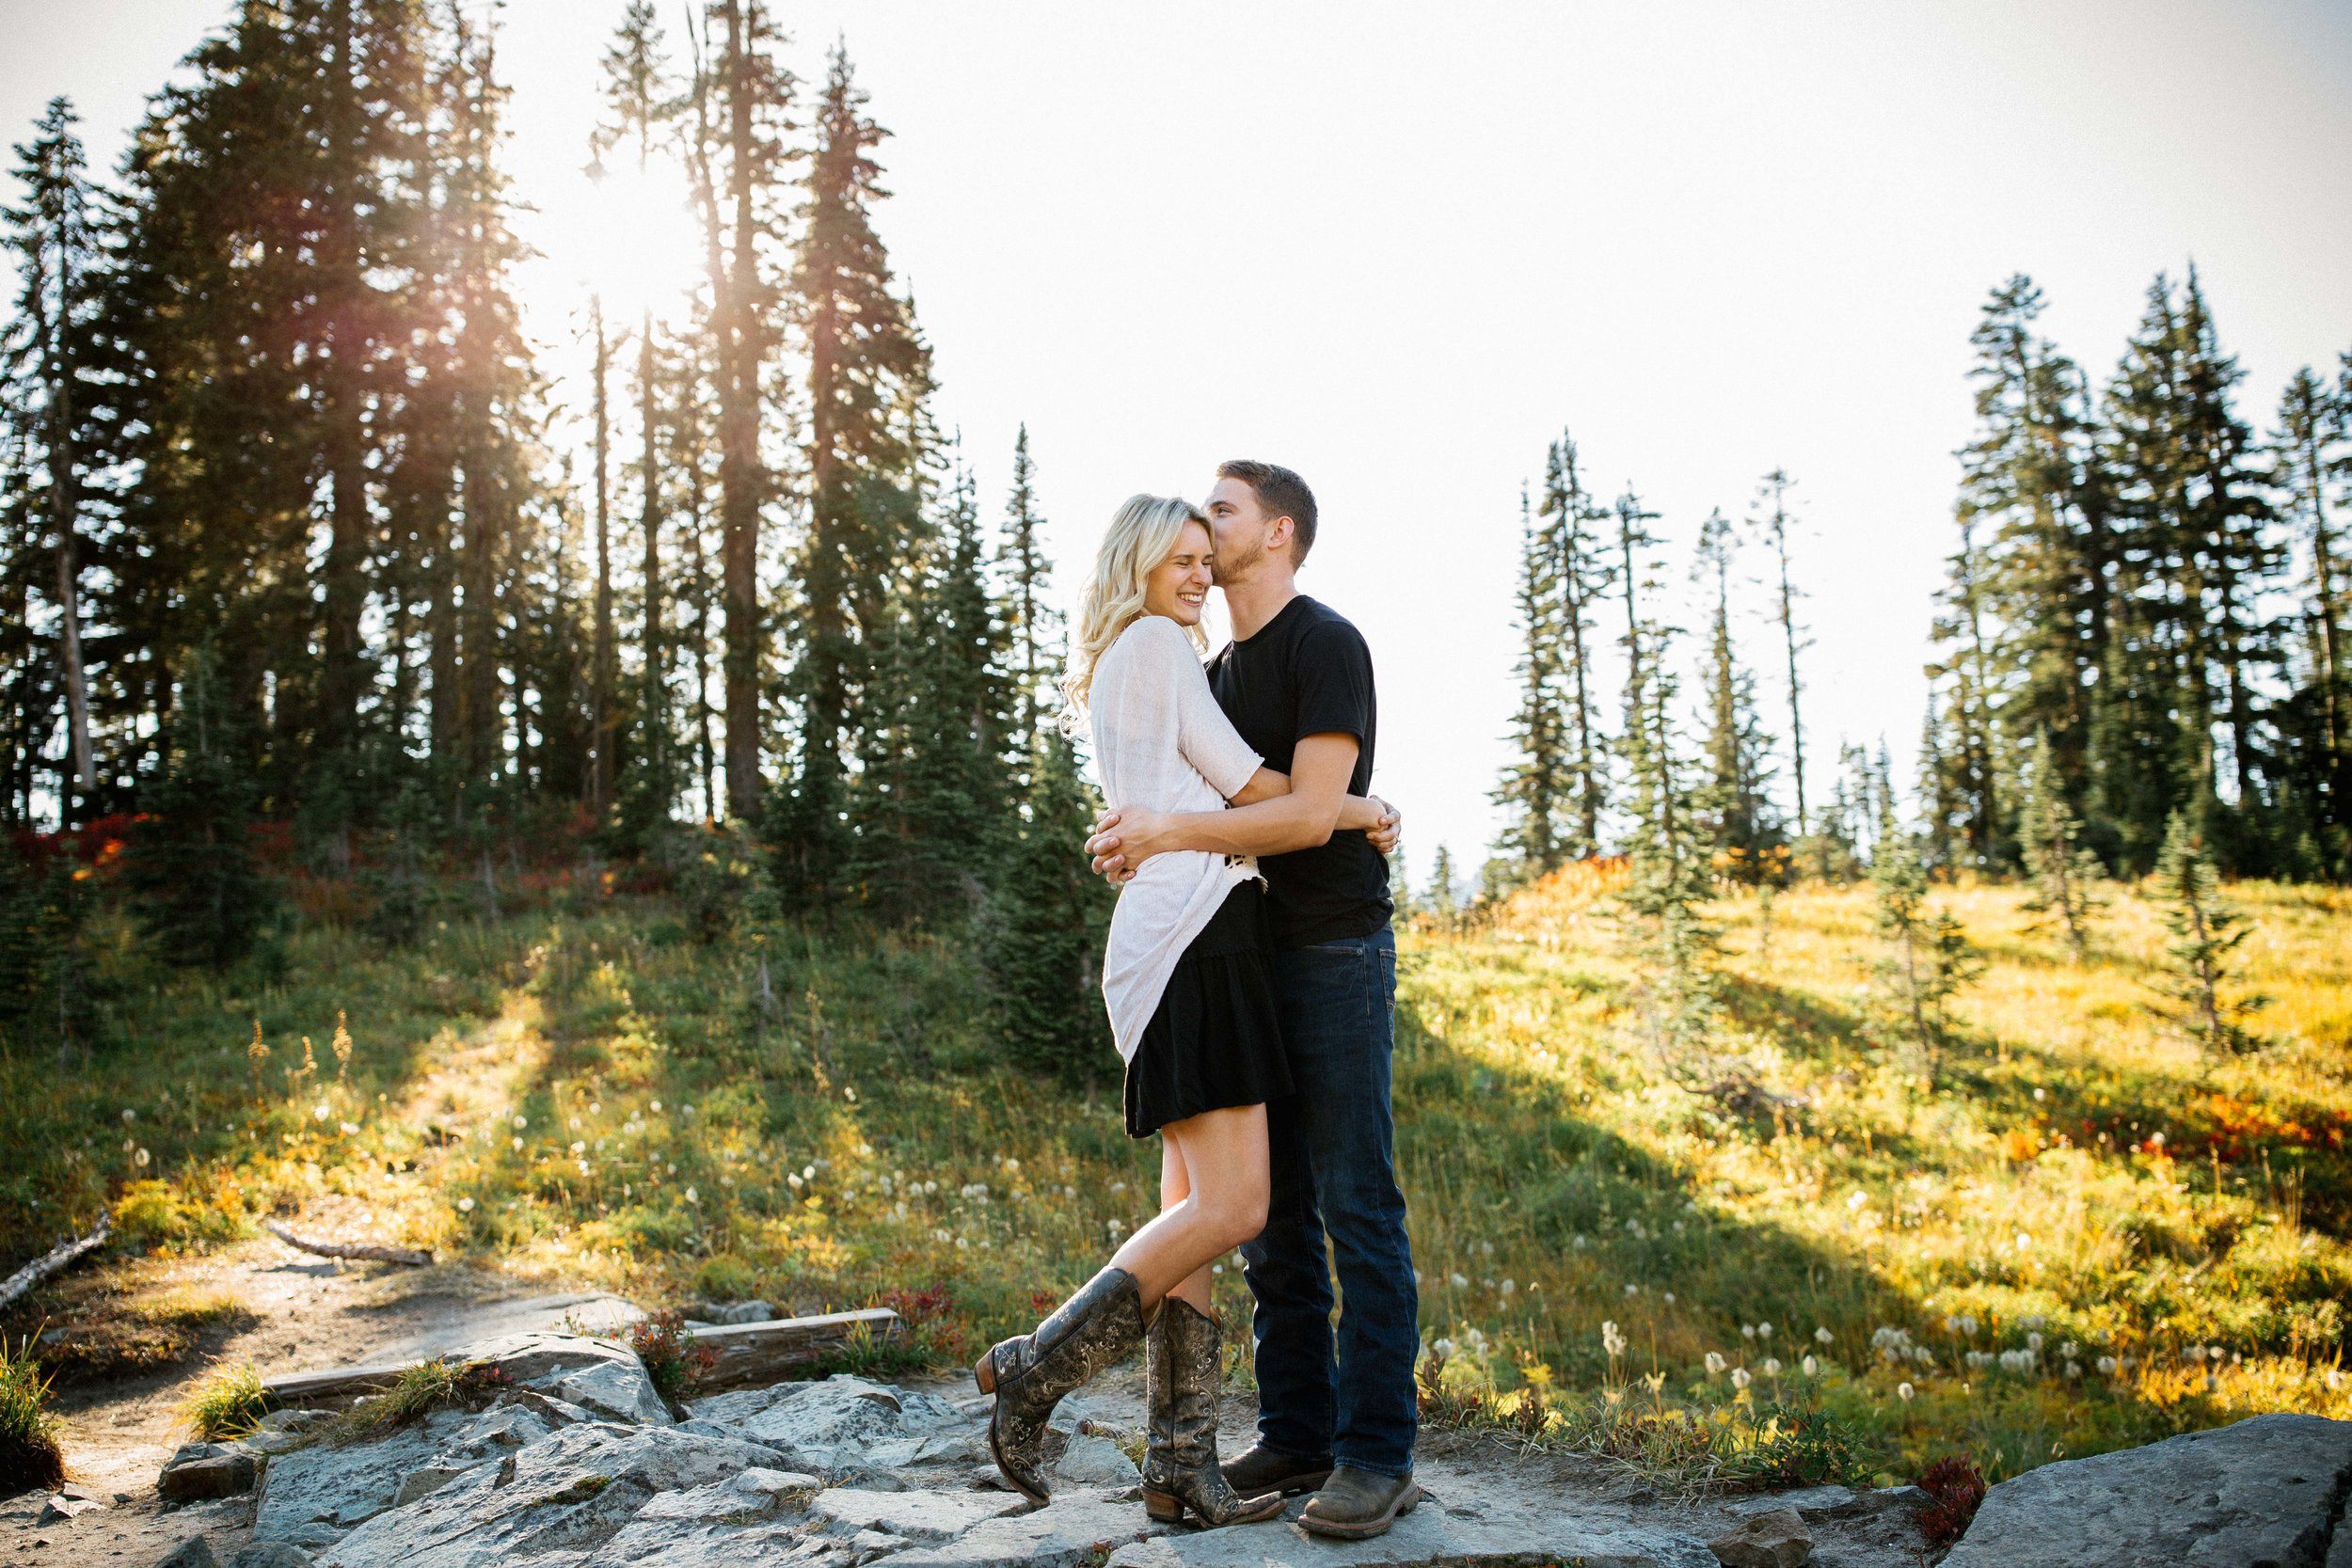 Alexis&Kyle-Engaged!BLOG-42.jpg